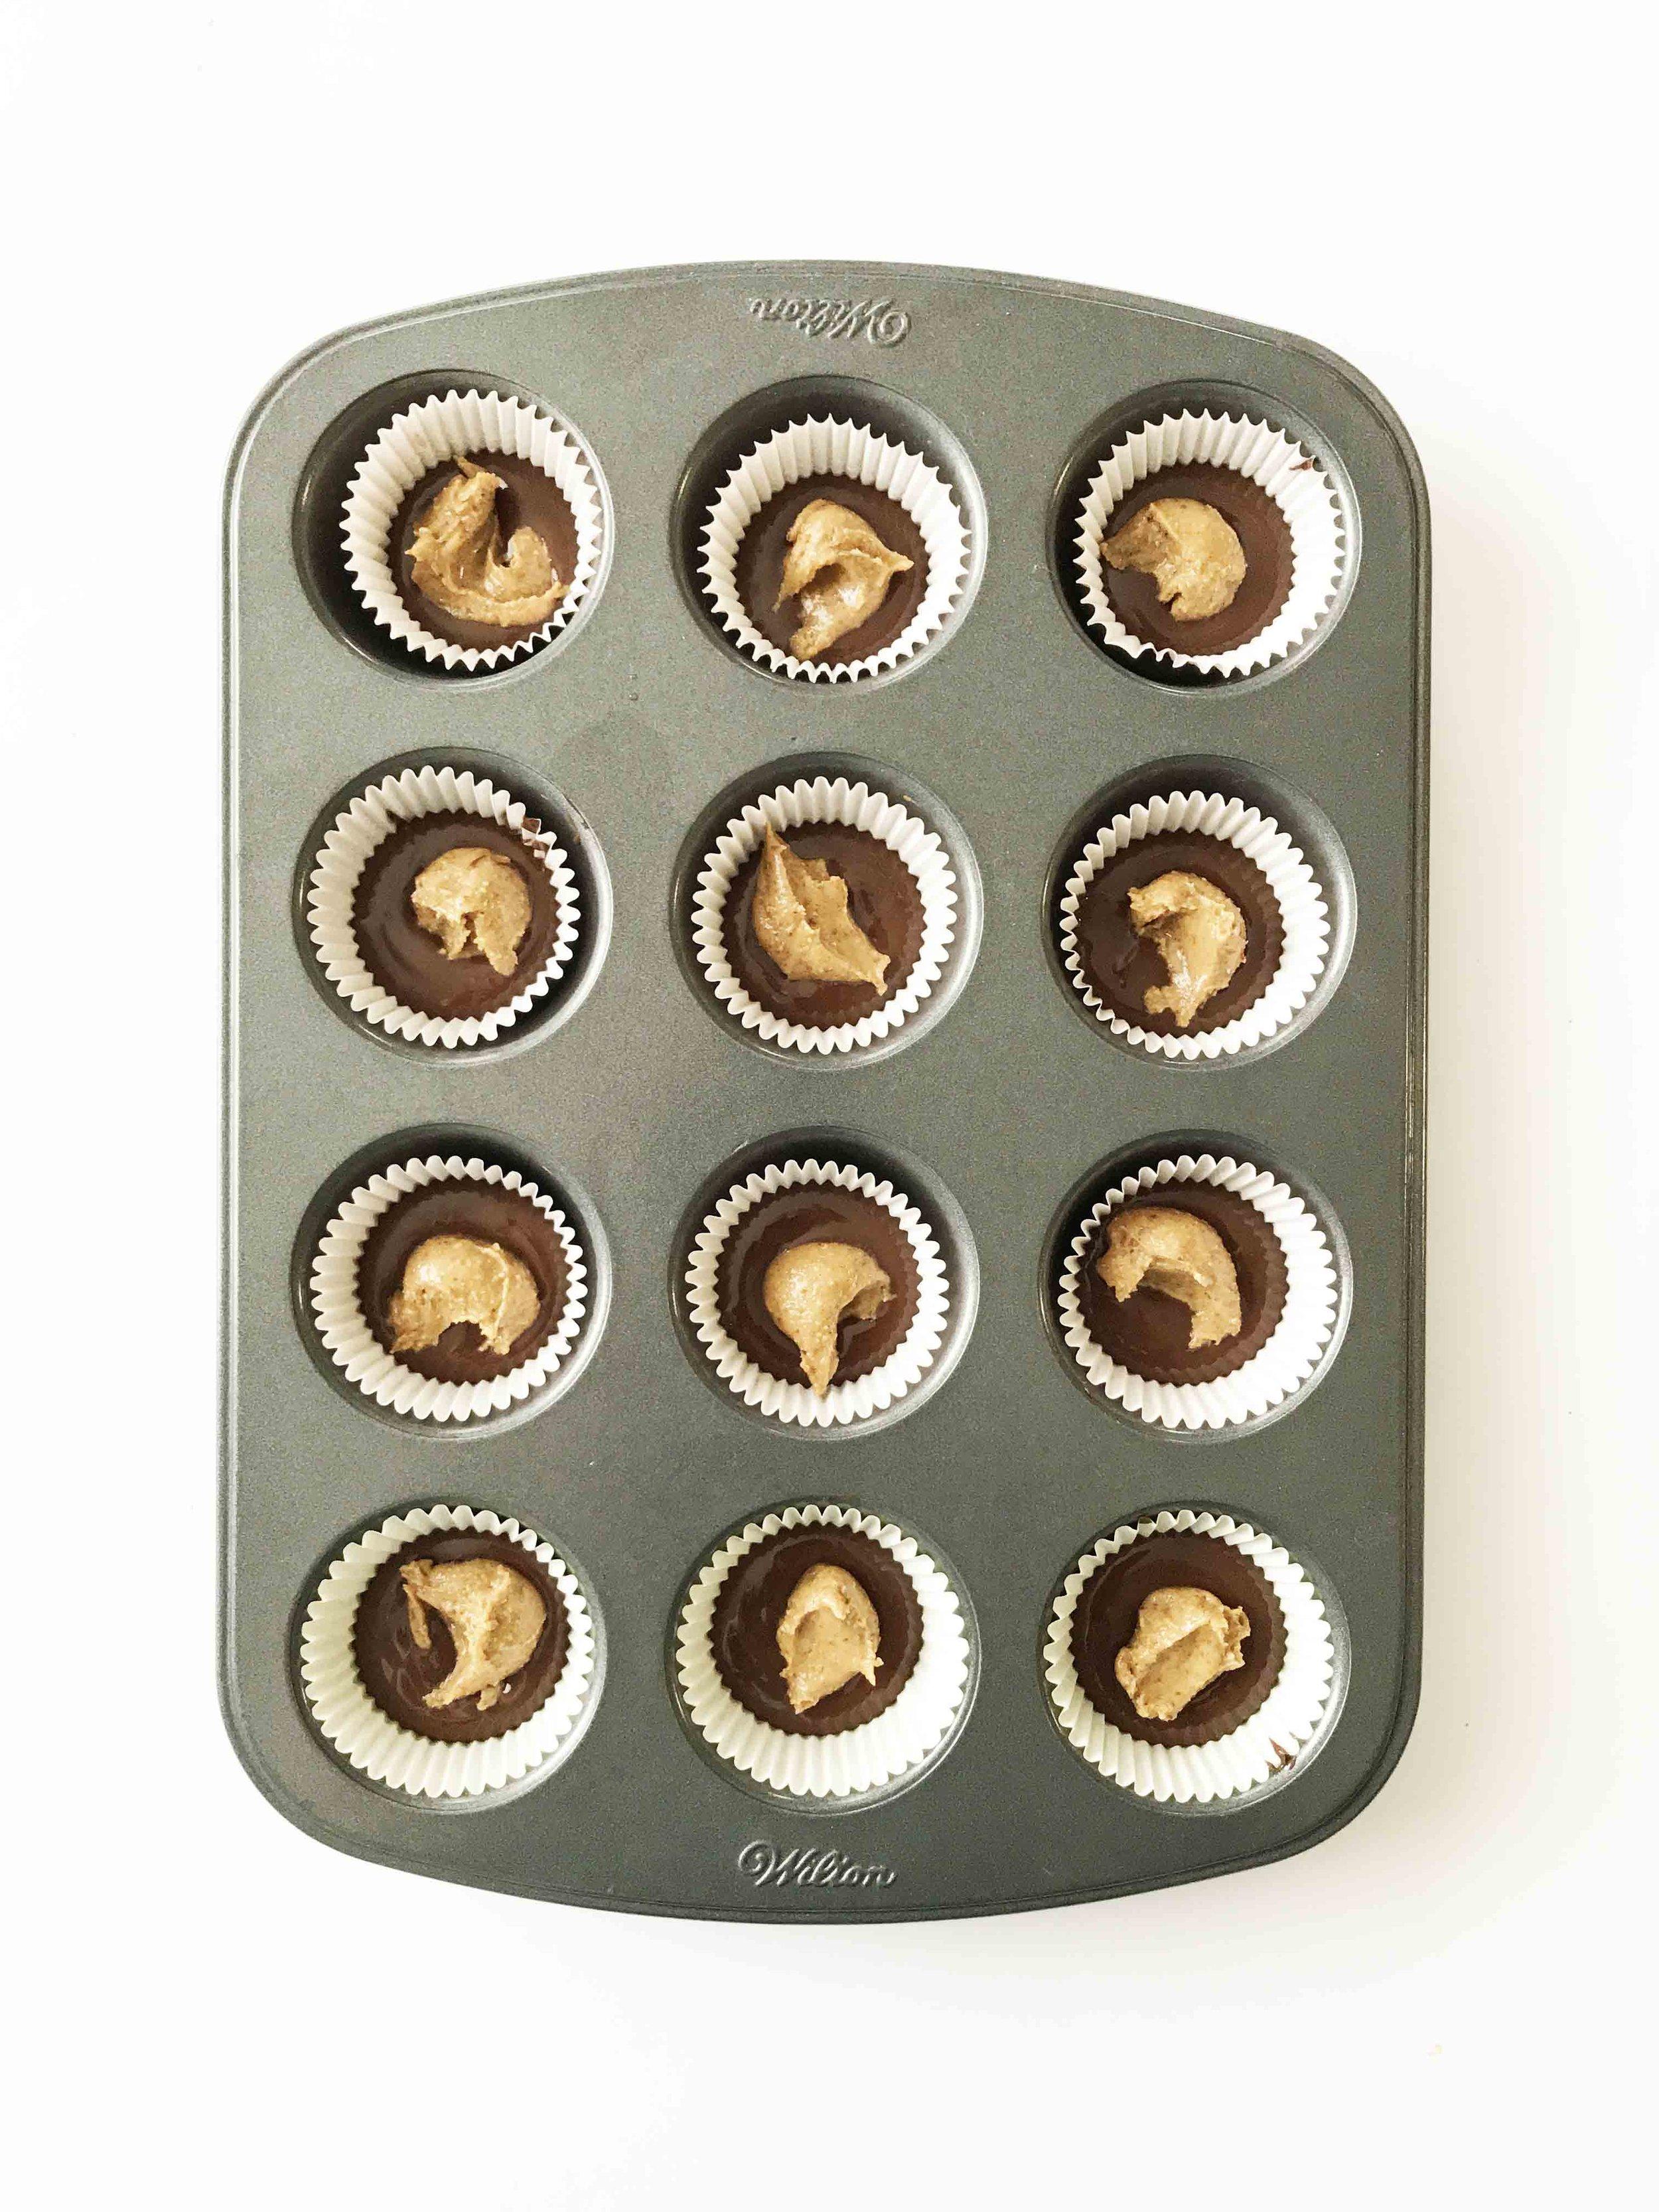 peanut-butter-cups7.jpg